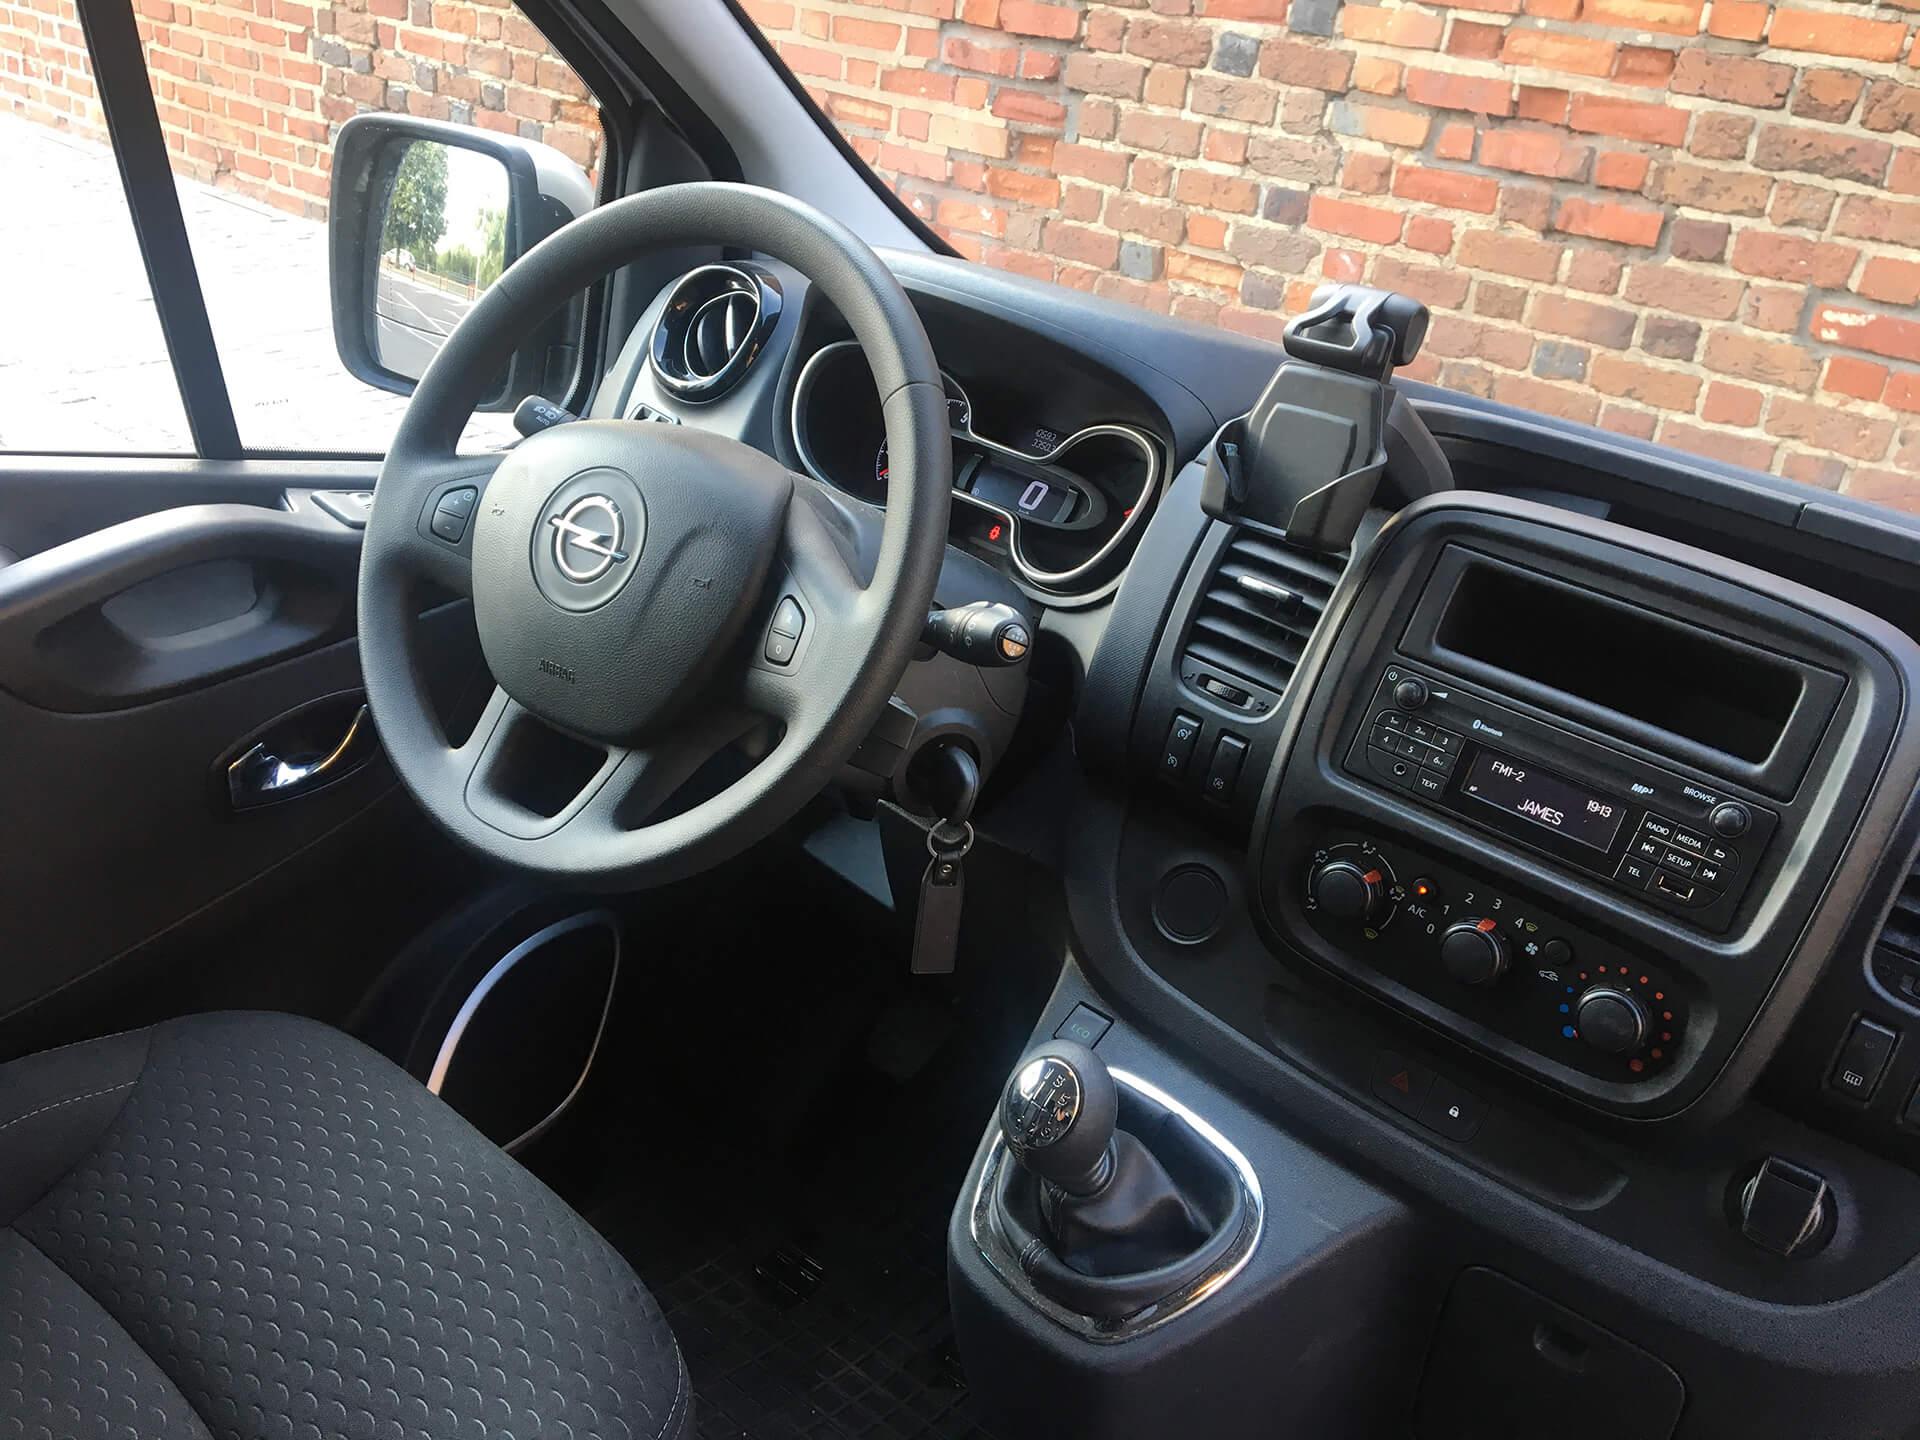 W superbly Wypożyczalnia Aut Opel Vivaro 9-osobowy - Wypożyczalnia Aut RV99